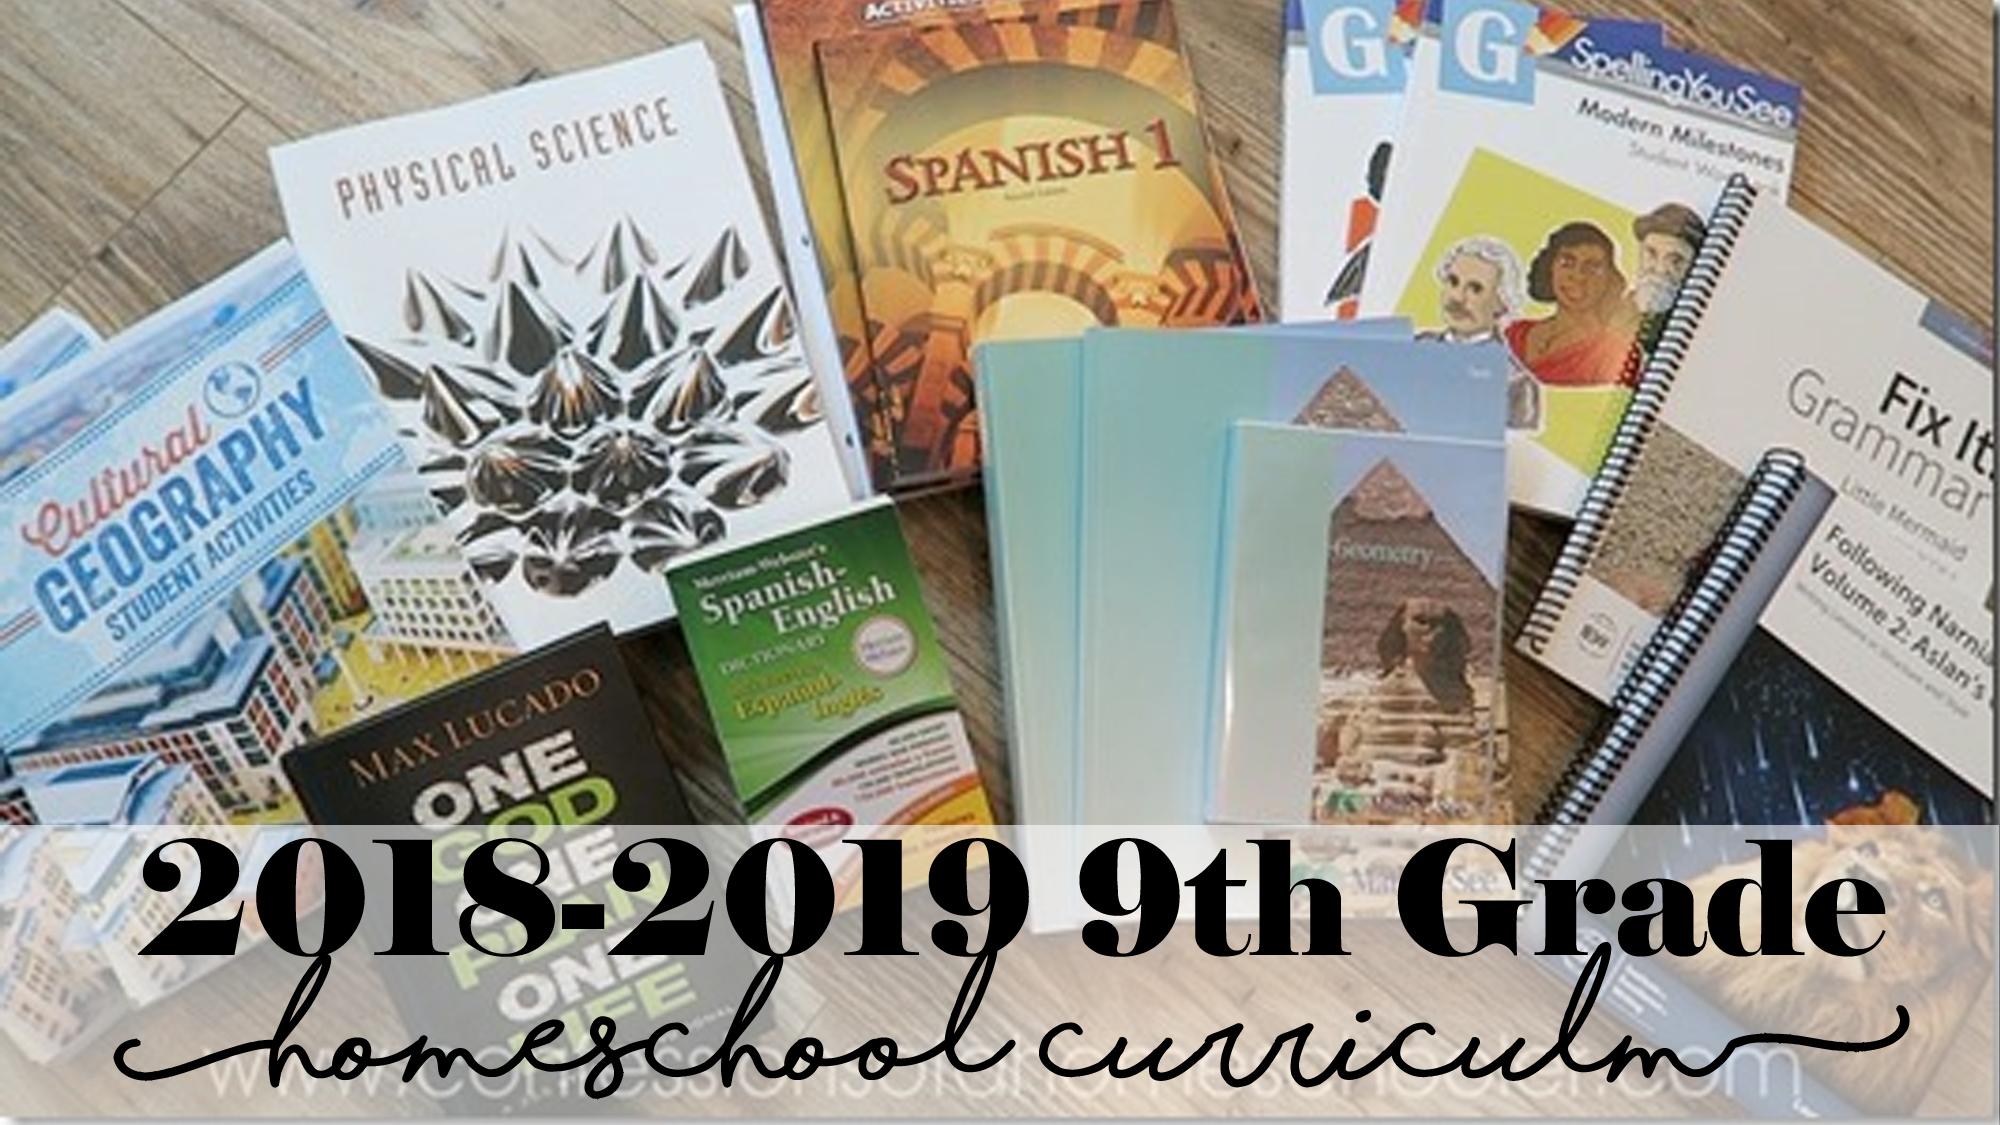 2018-2019 9th Grade Homeschool Curriculum